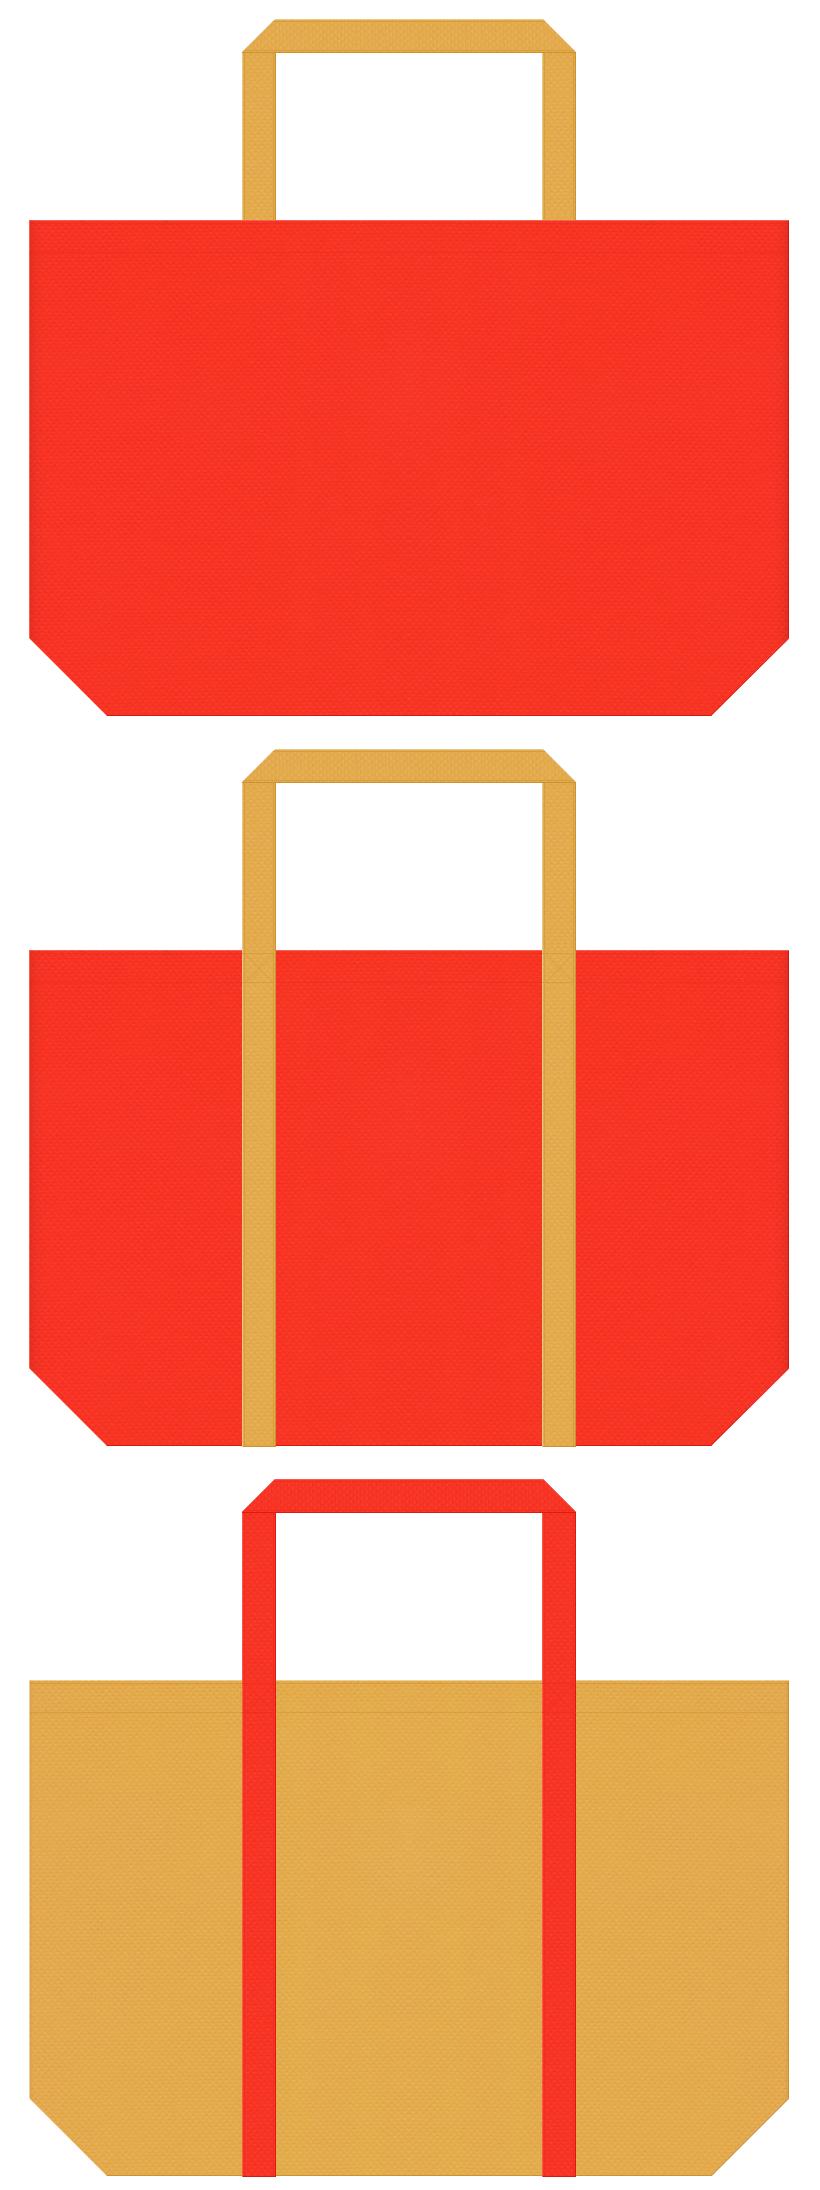 絵本・じゃがいも・にんじん・キッチン・レシピ・オニオンスープ・サラダ油・調味料・パスタ・お料理教室・ランチバッグにお奨めの不織布バッグデザイン:オレンジ色と黄土色のコーデ